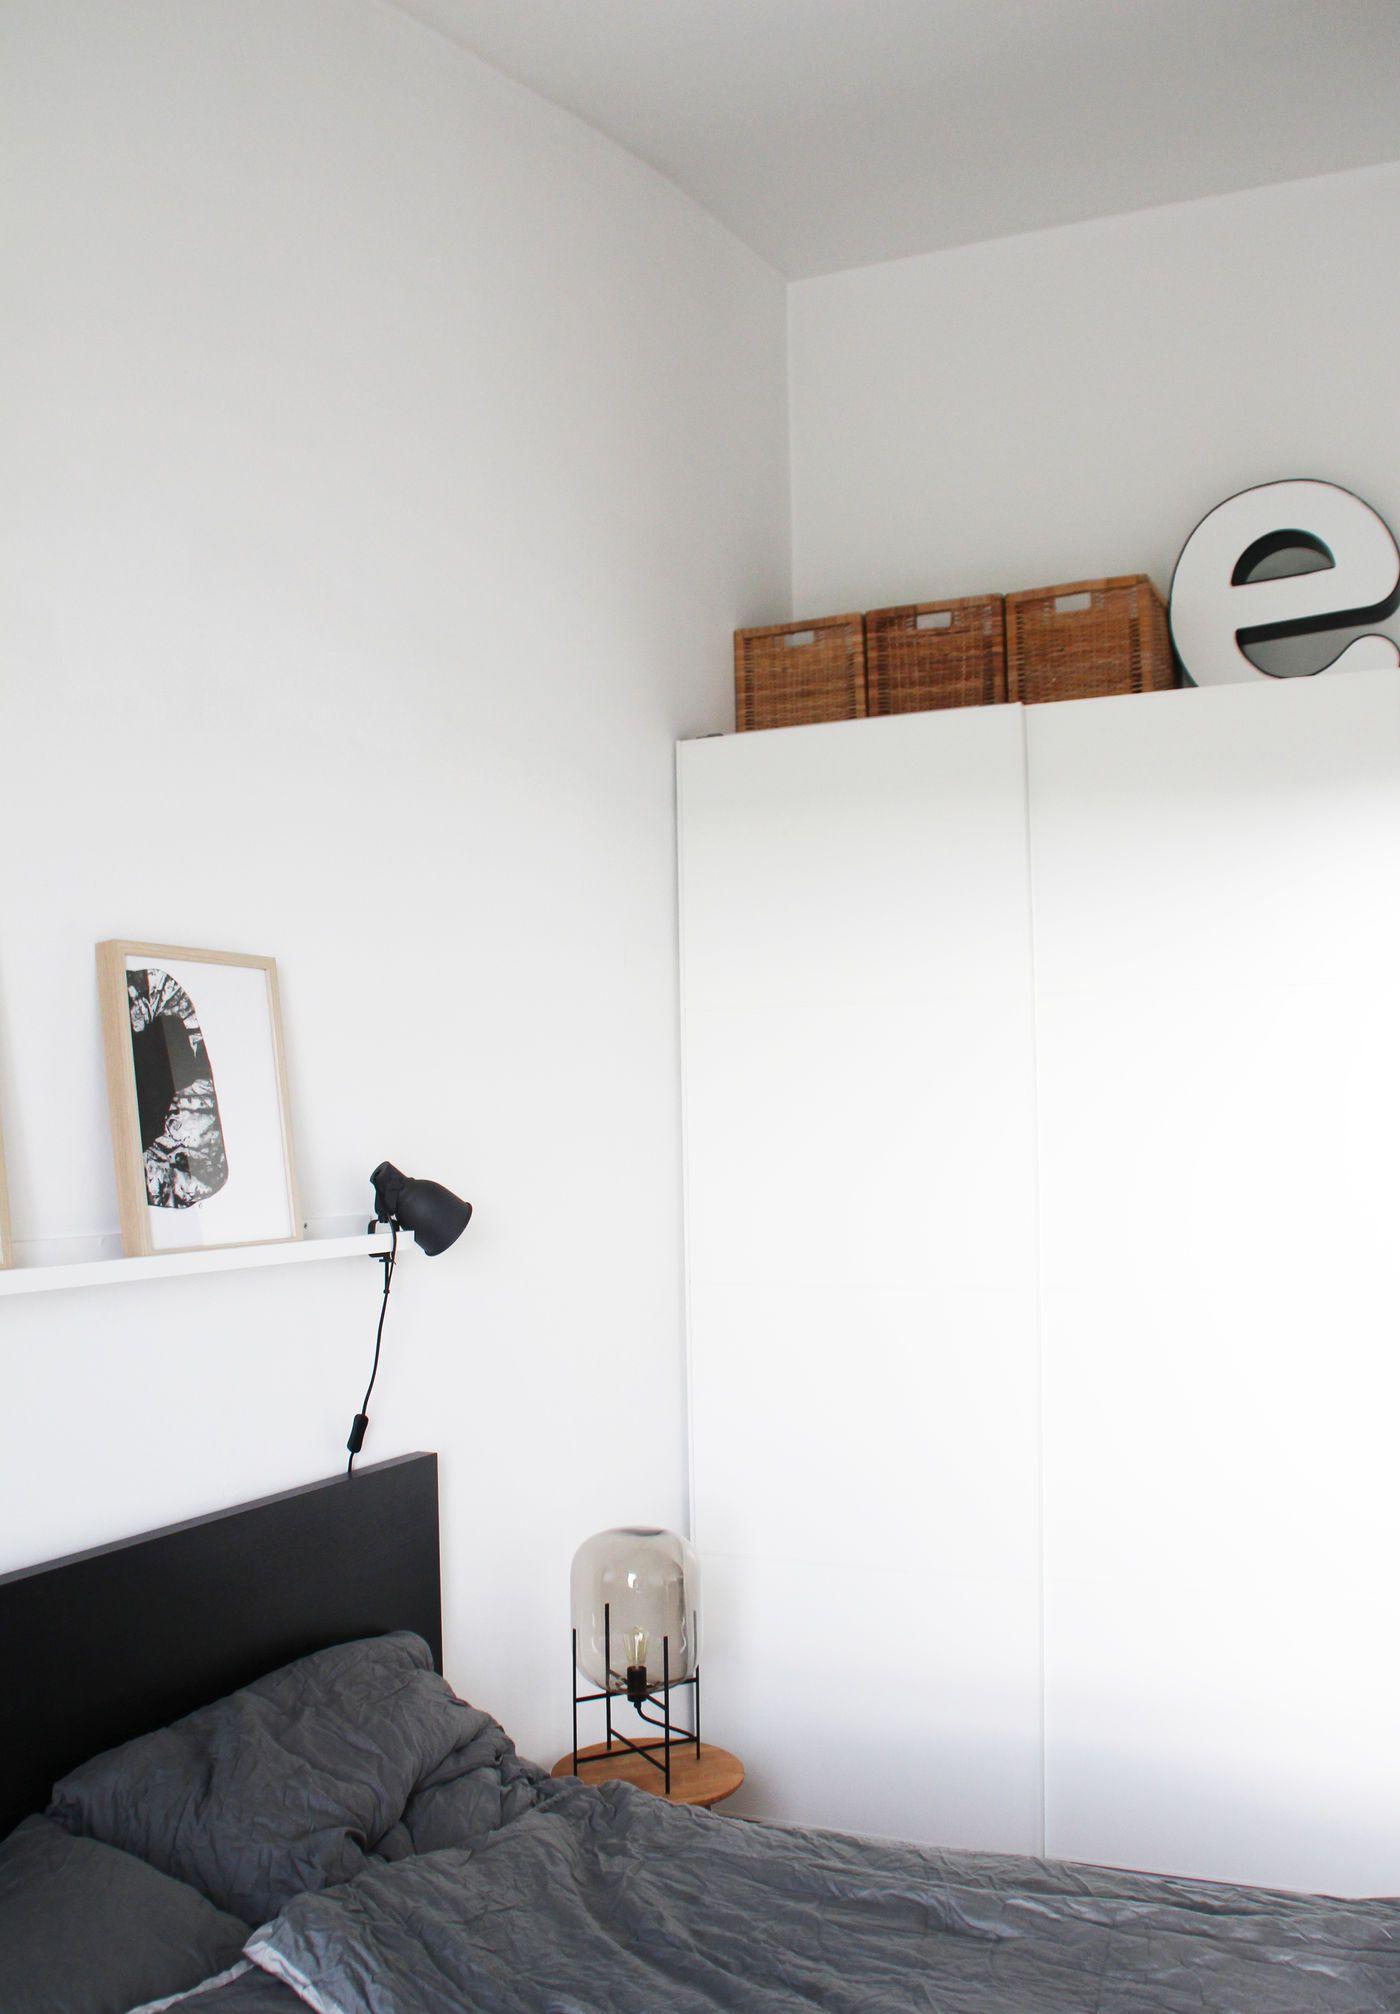 tolle ideen f r das einrichten mit der ikea malm serie. Black Bedroom Furniture Sets. Home Design Ideas